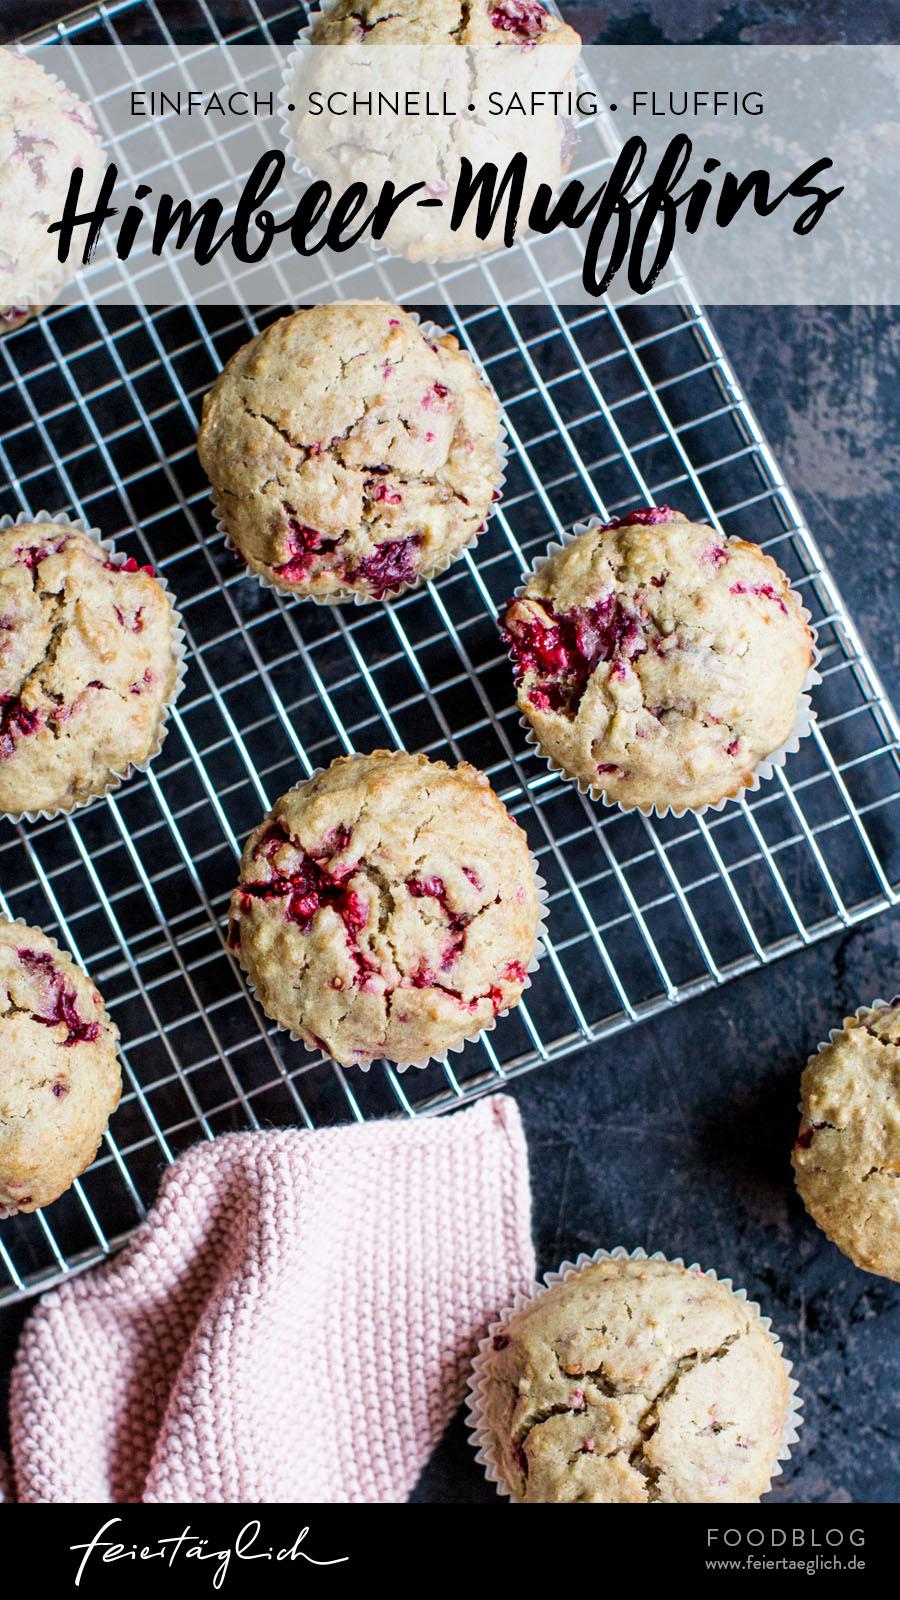 Himbeer-Muffins zum Tag Versüßen, ein einfaches Rezept, schnell, saftig, fluffig, ohne Zucker